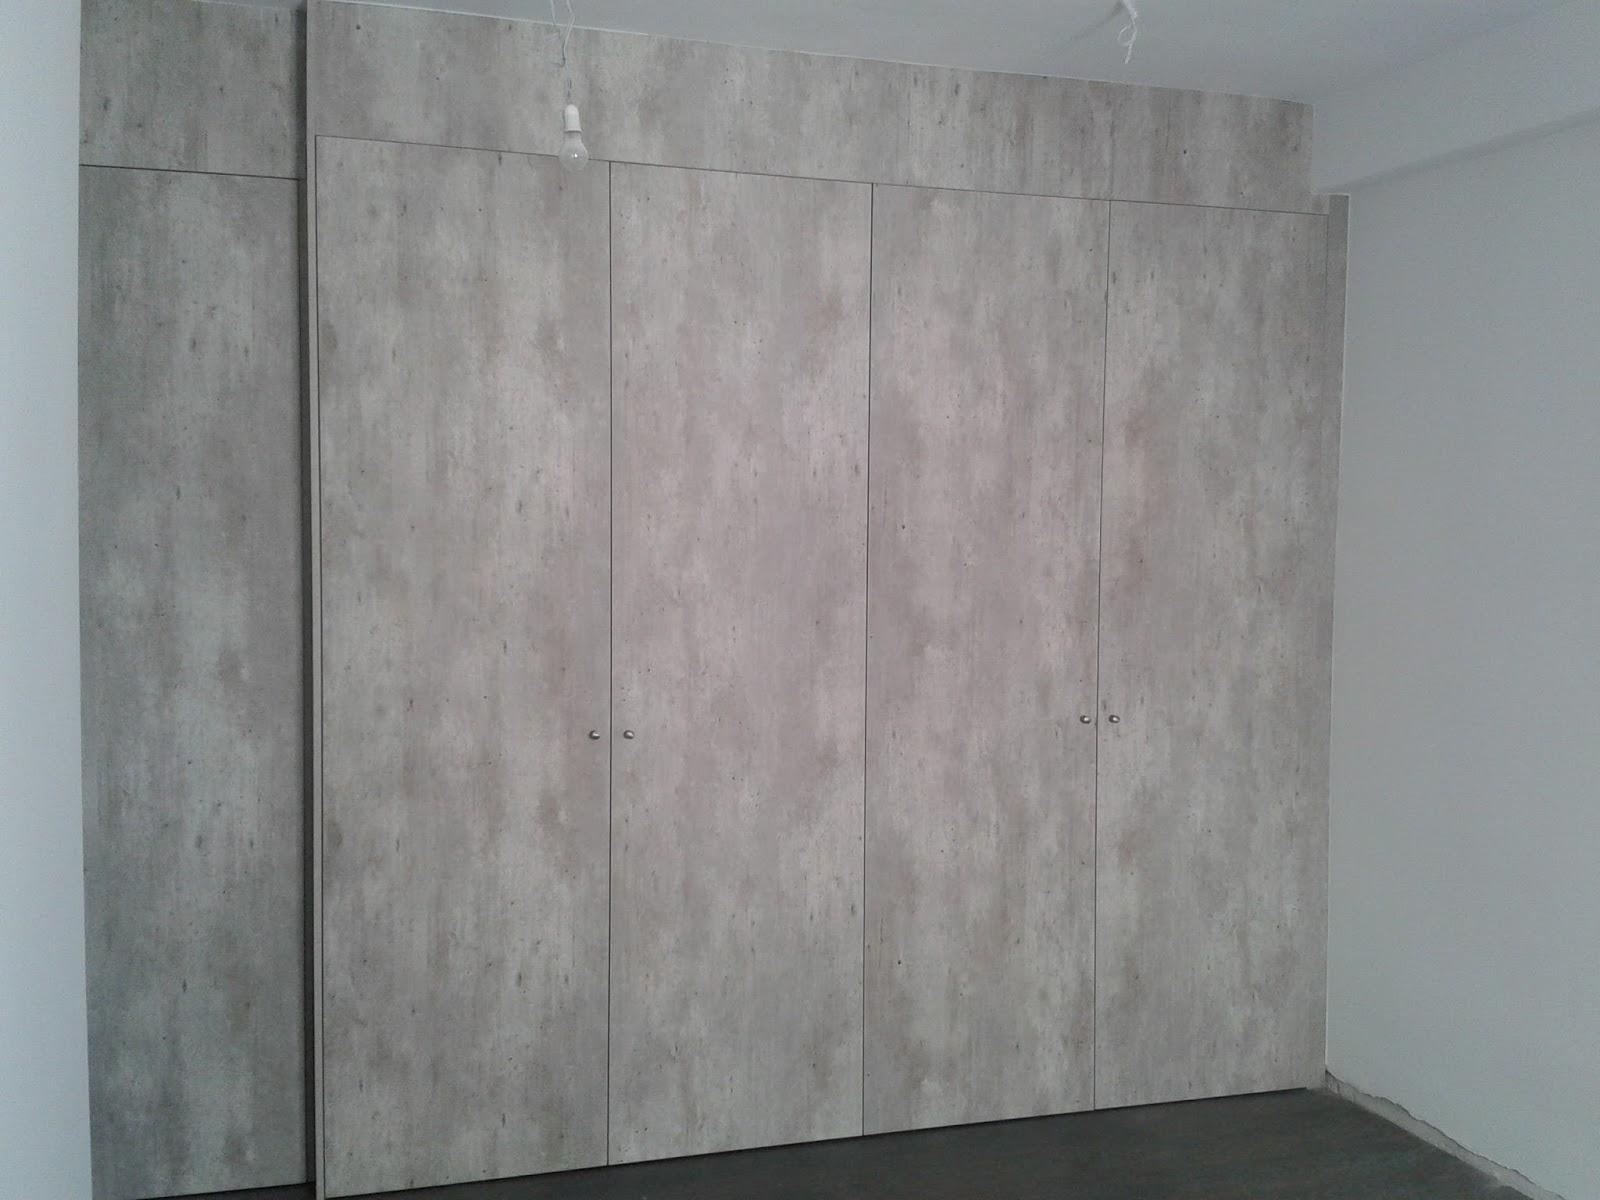 Frente de armario con puertas abatibles de color hormigon - Armarios con puertas abatibles ...